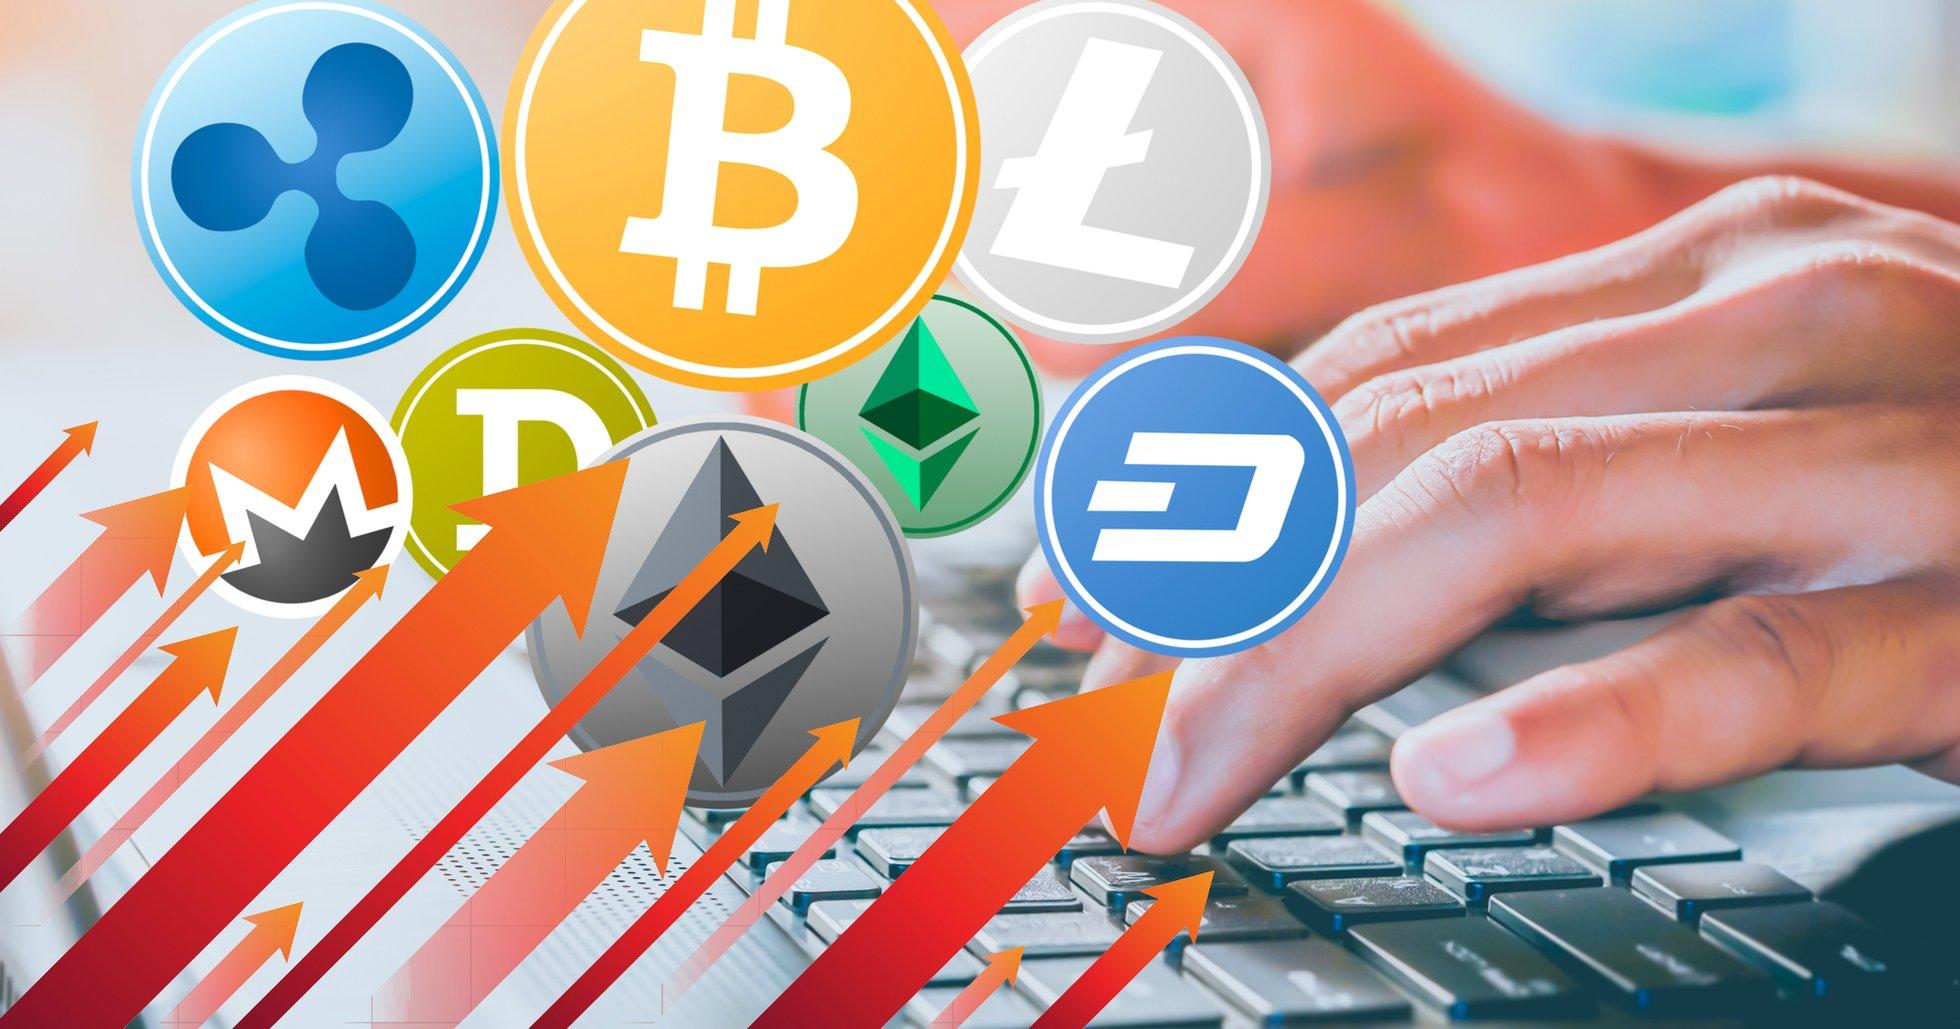 Breda uppgångar på altcoinmarknaderna – men bitcoinpriset ligger still.